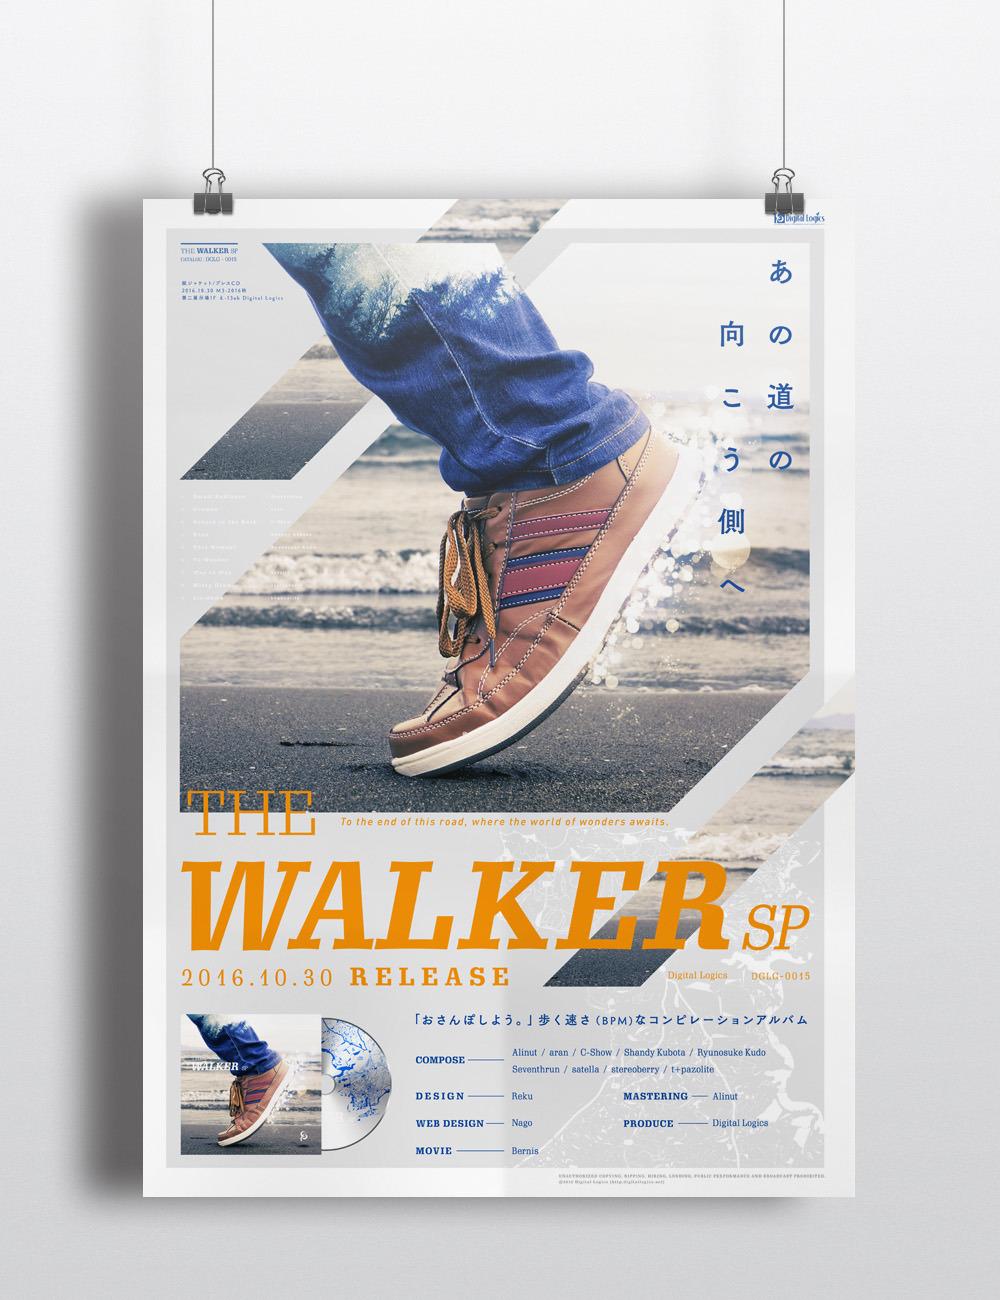 THE WALKER SP Poster